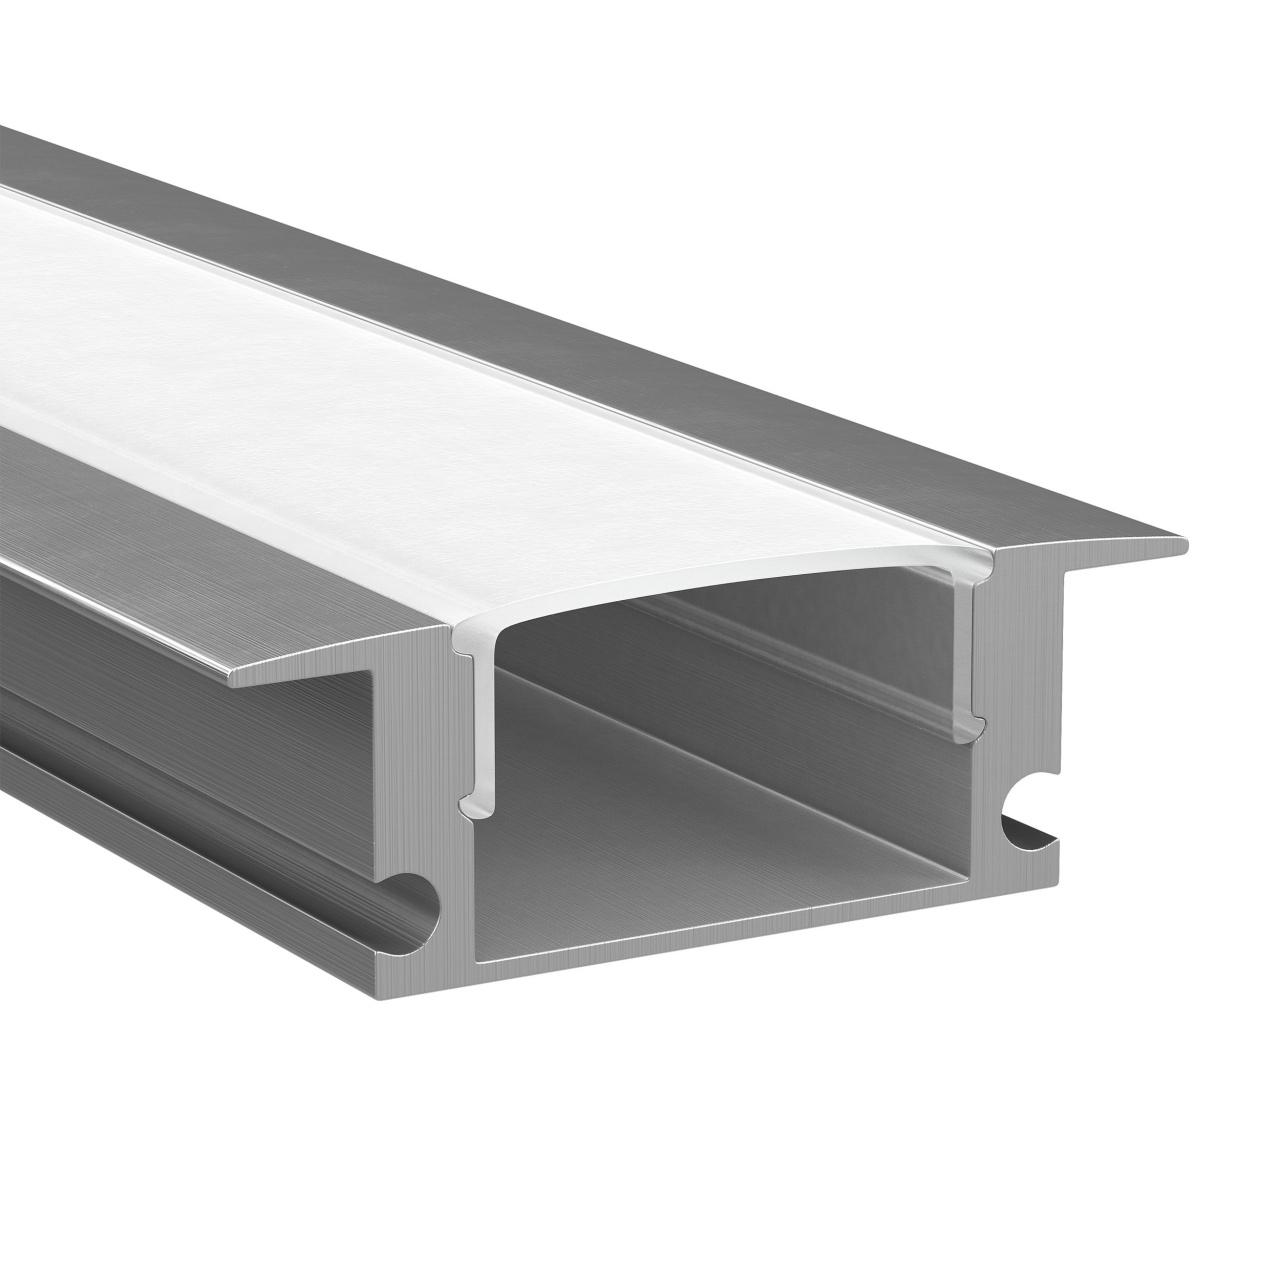 Профиль Profiledс с прямоугольным рассеивателем для светодиодных лент, алюминий, 1шт 2м Lightstar 409529